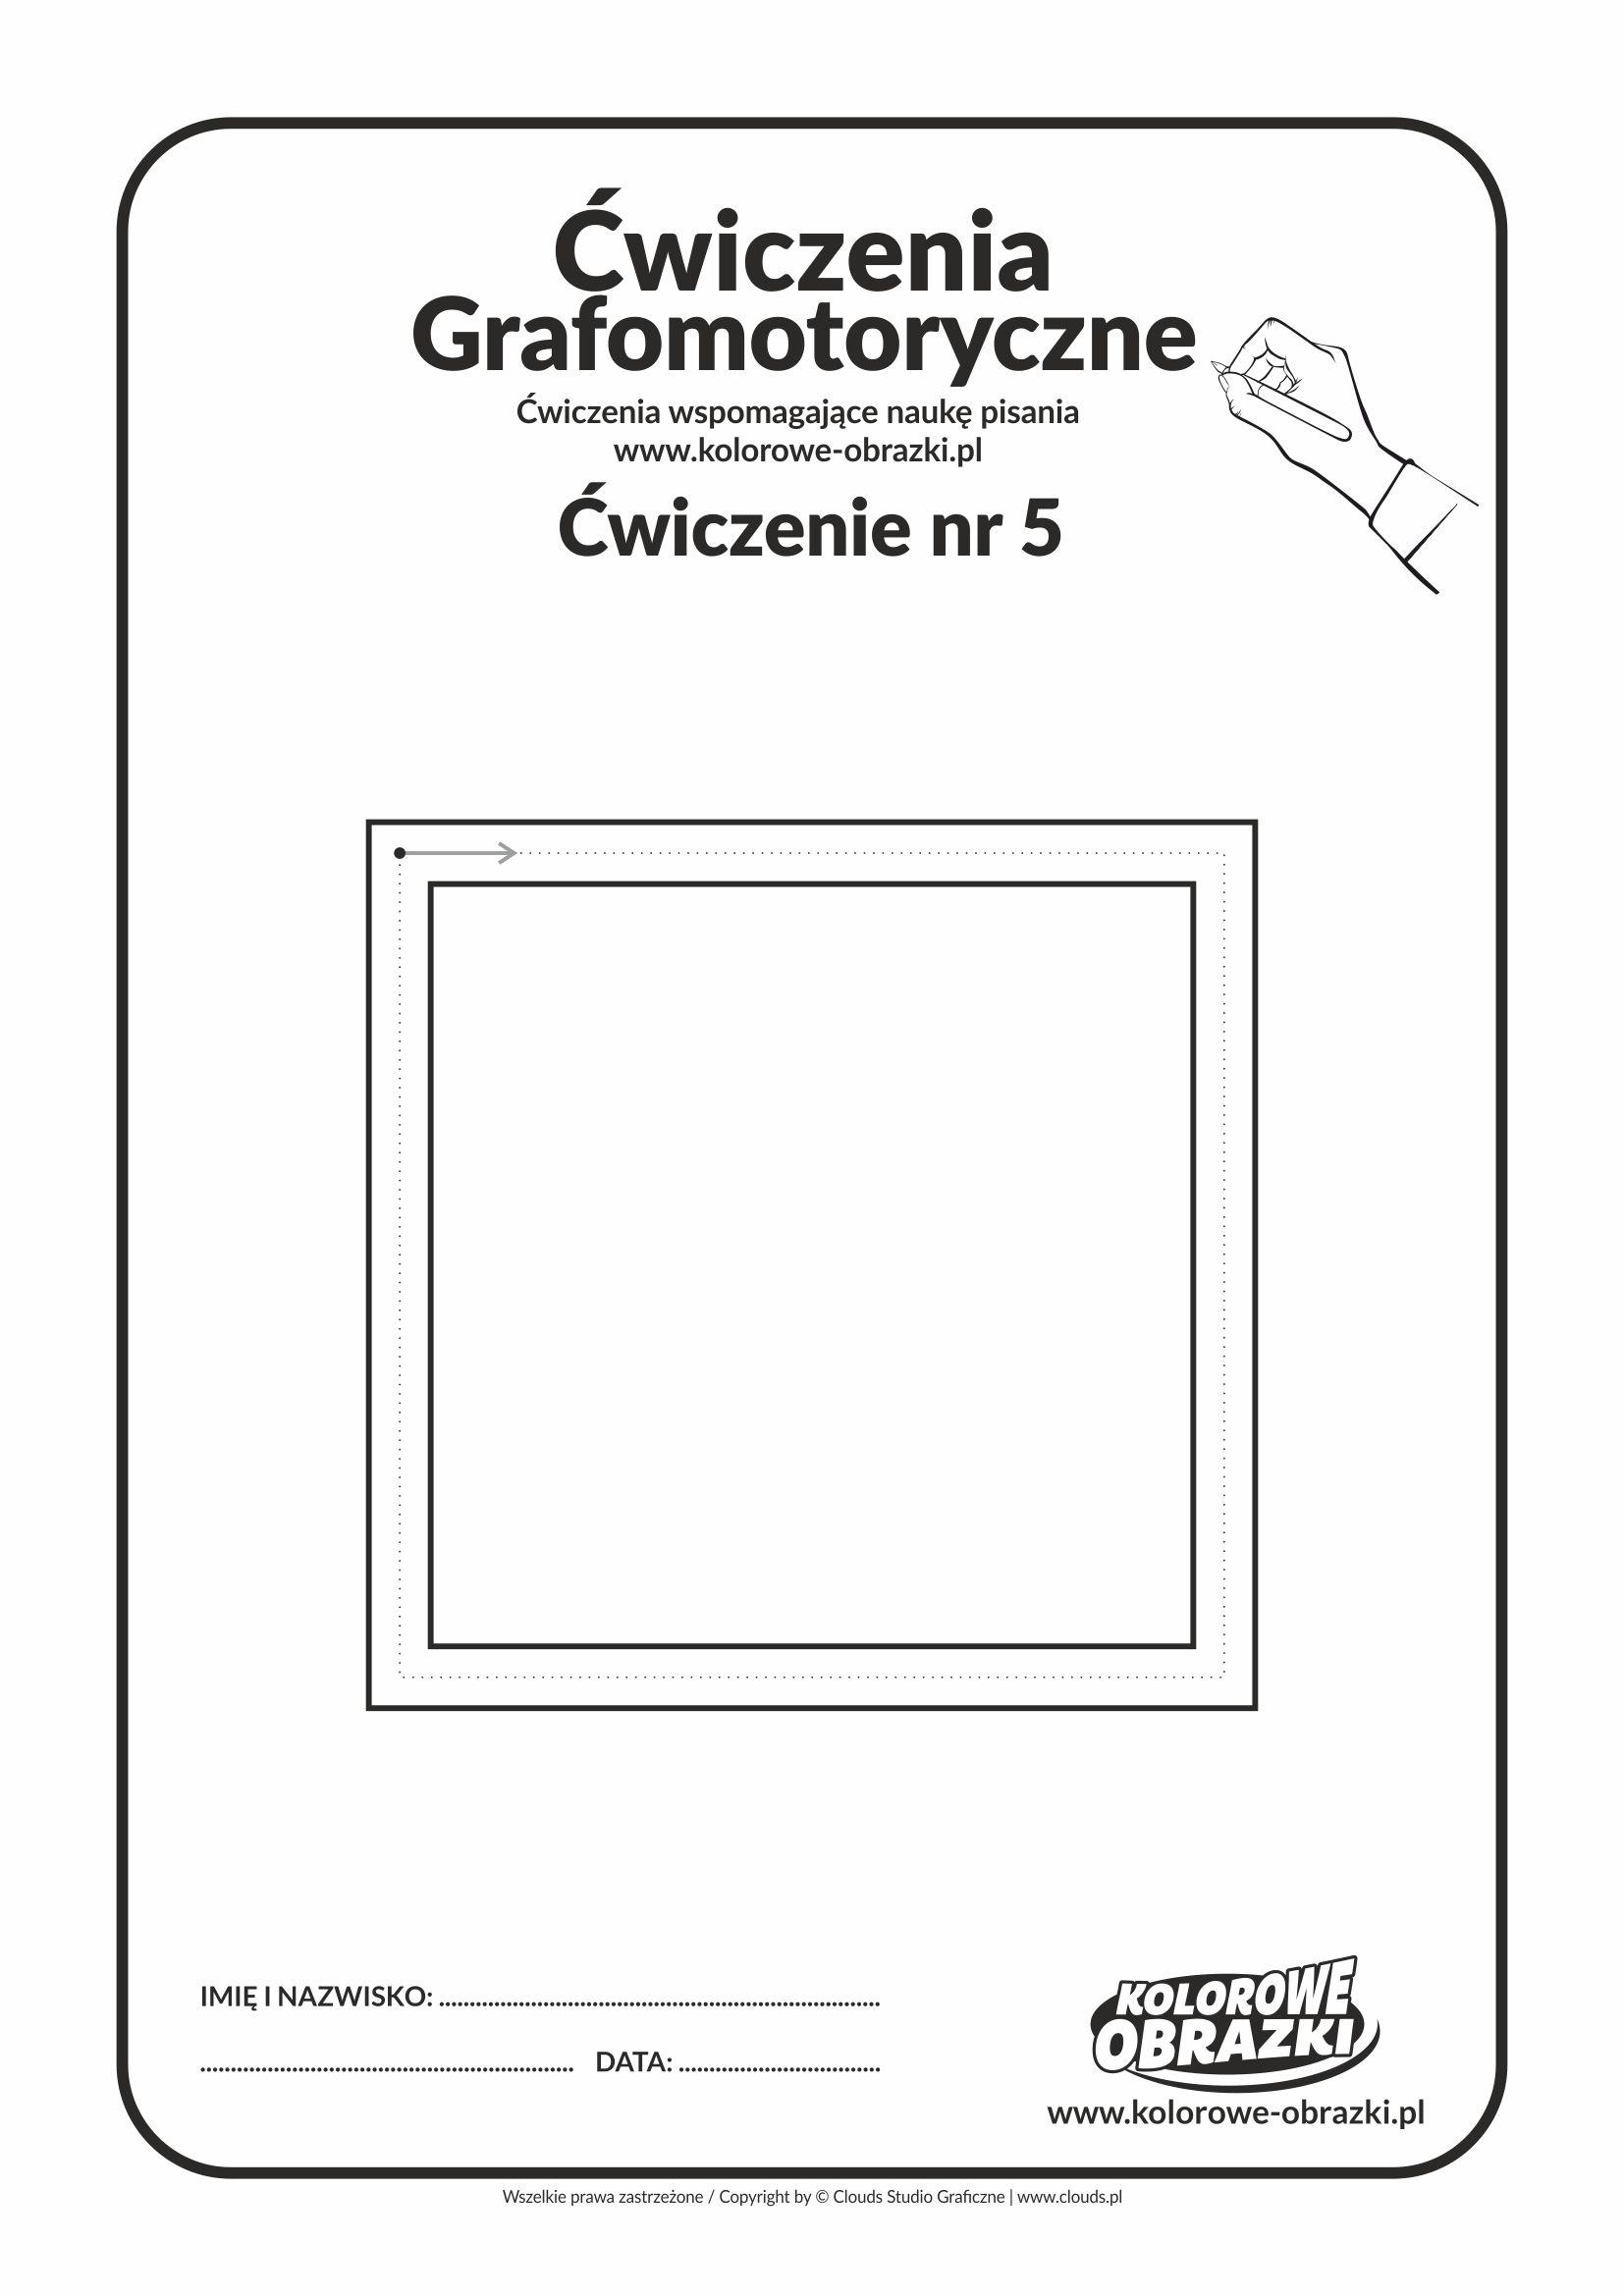 Ćwiczenia grafomotoryczne dla dzieci nr 5